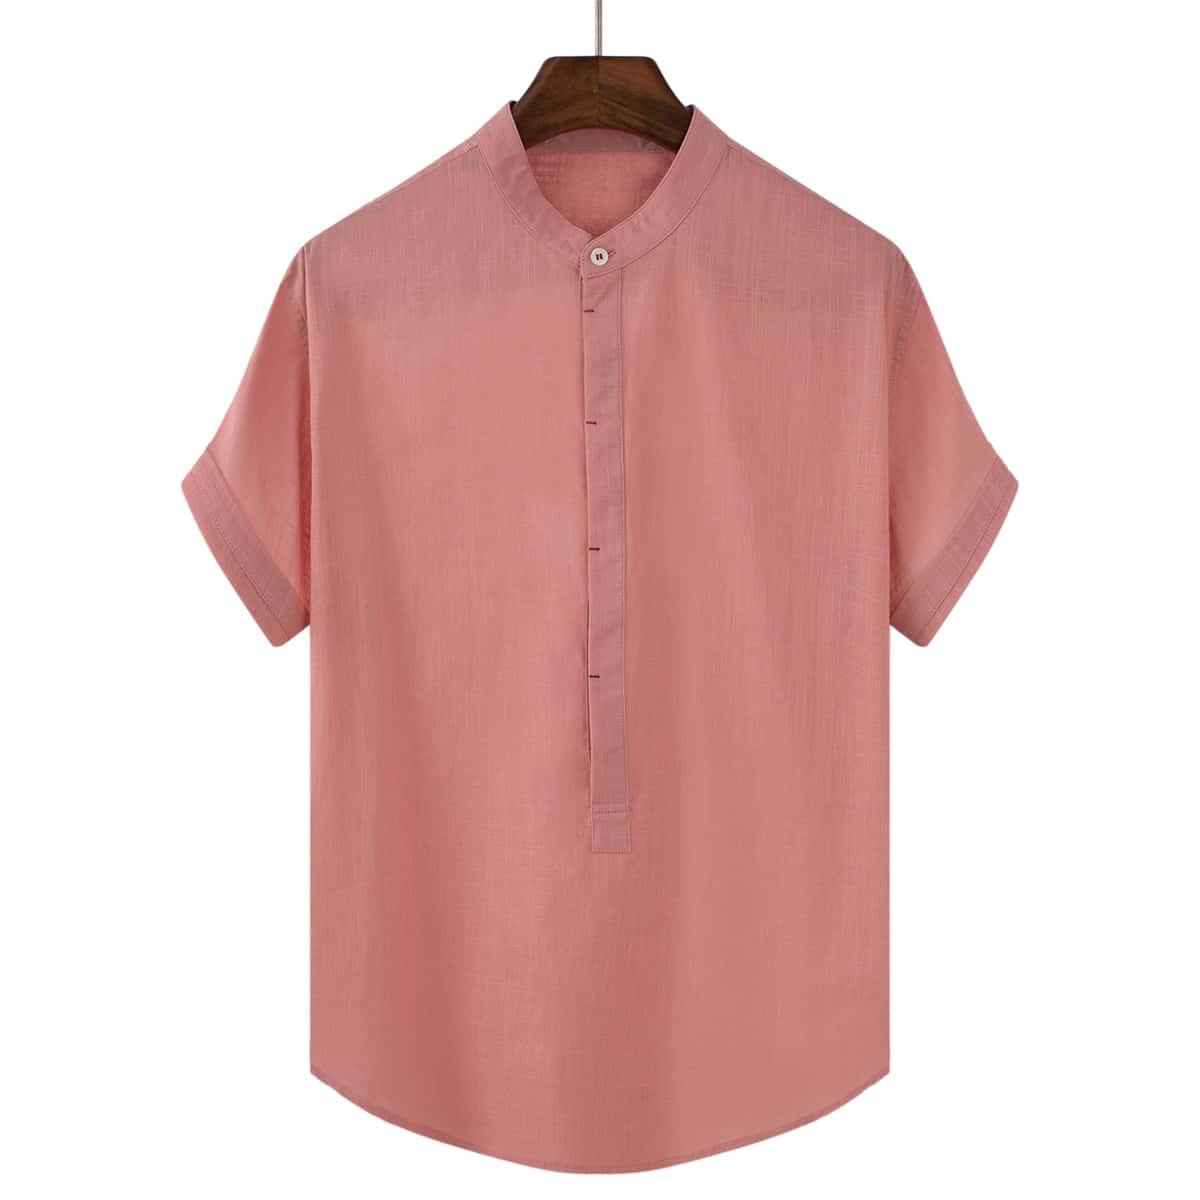 Мужская однотонная рубашка с коротким рукавом с воротником-стойкой